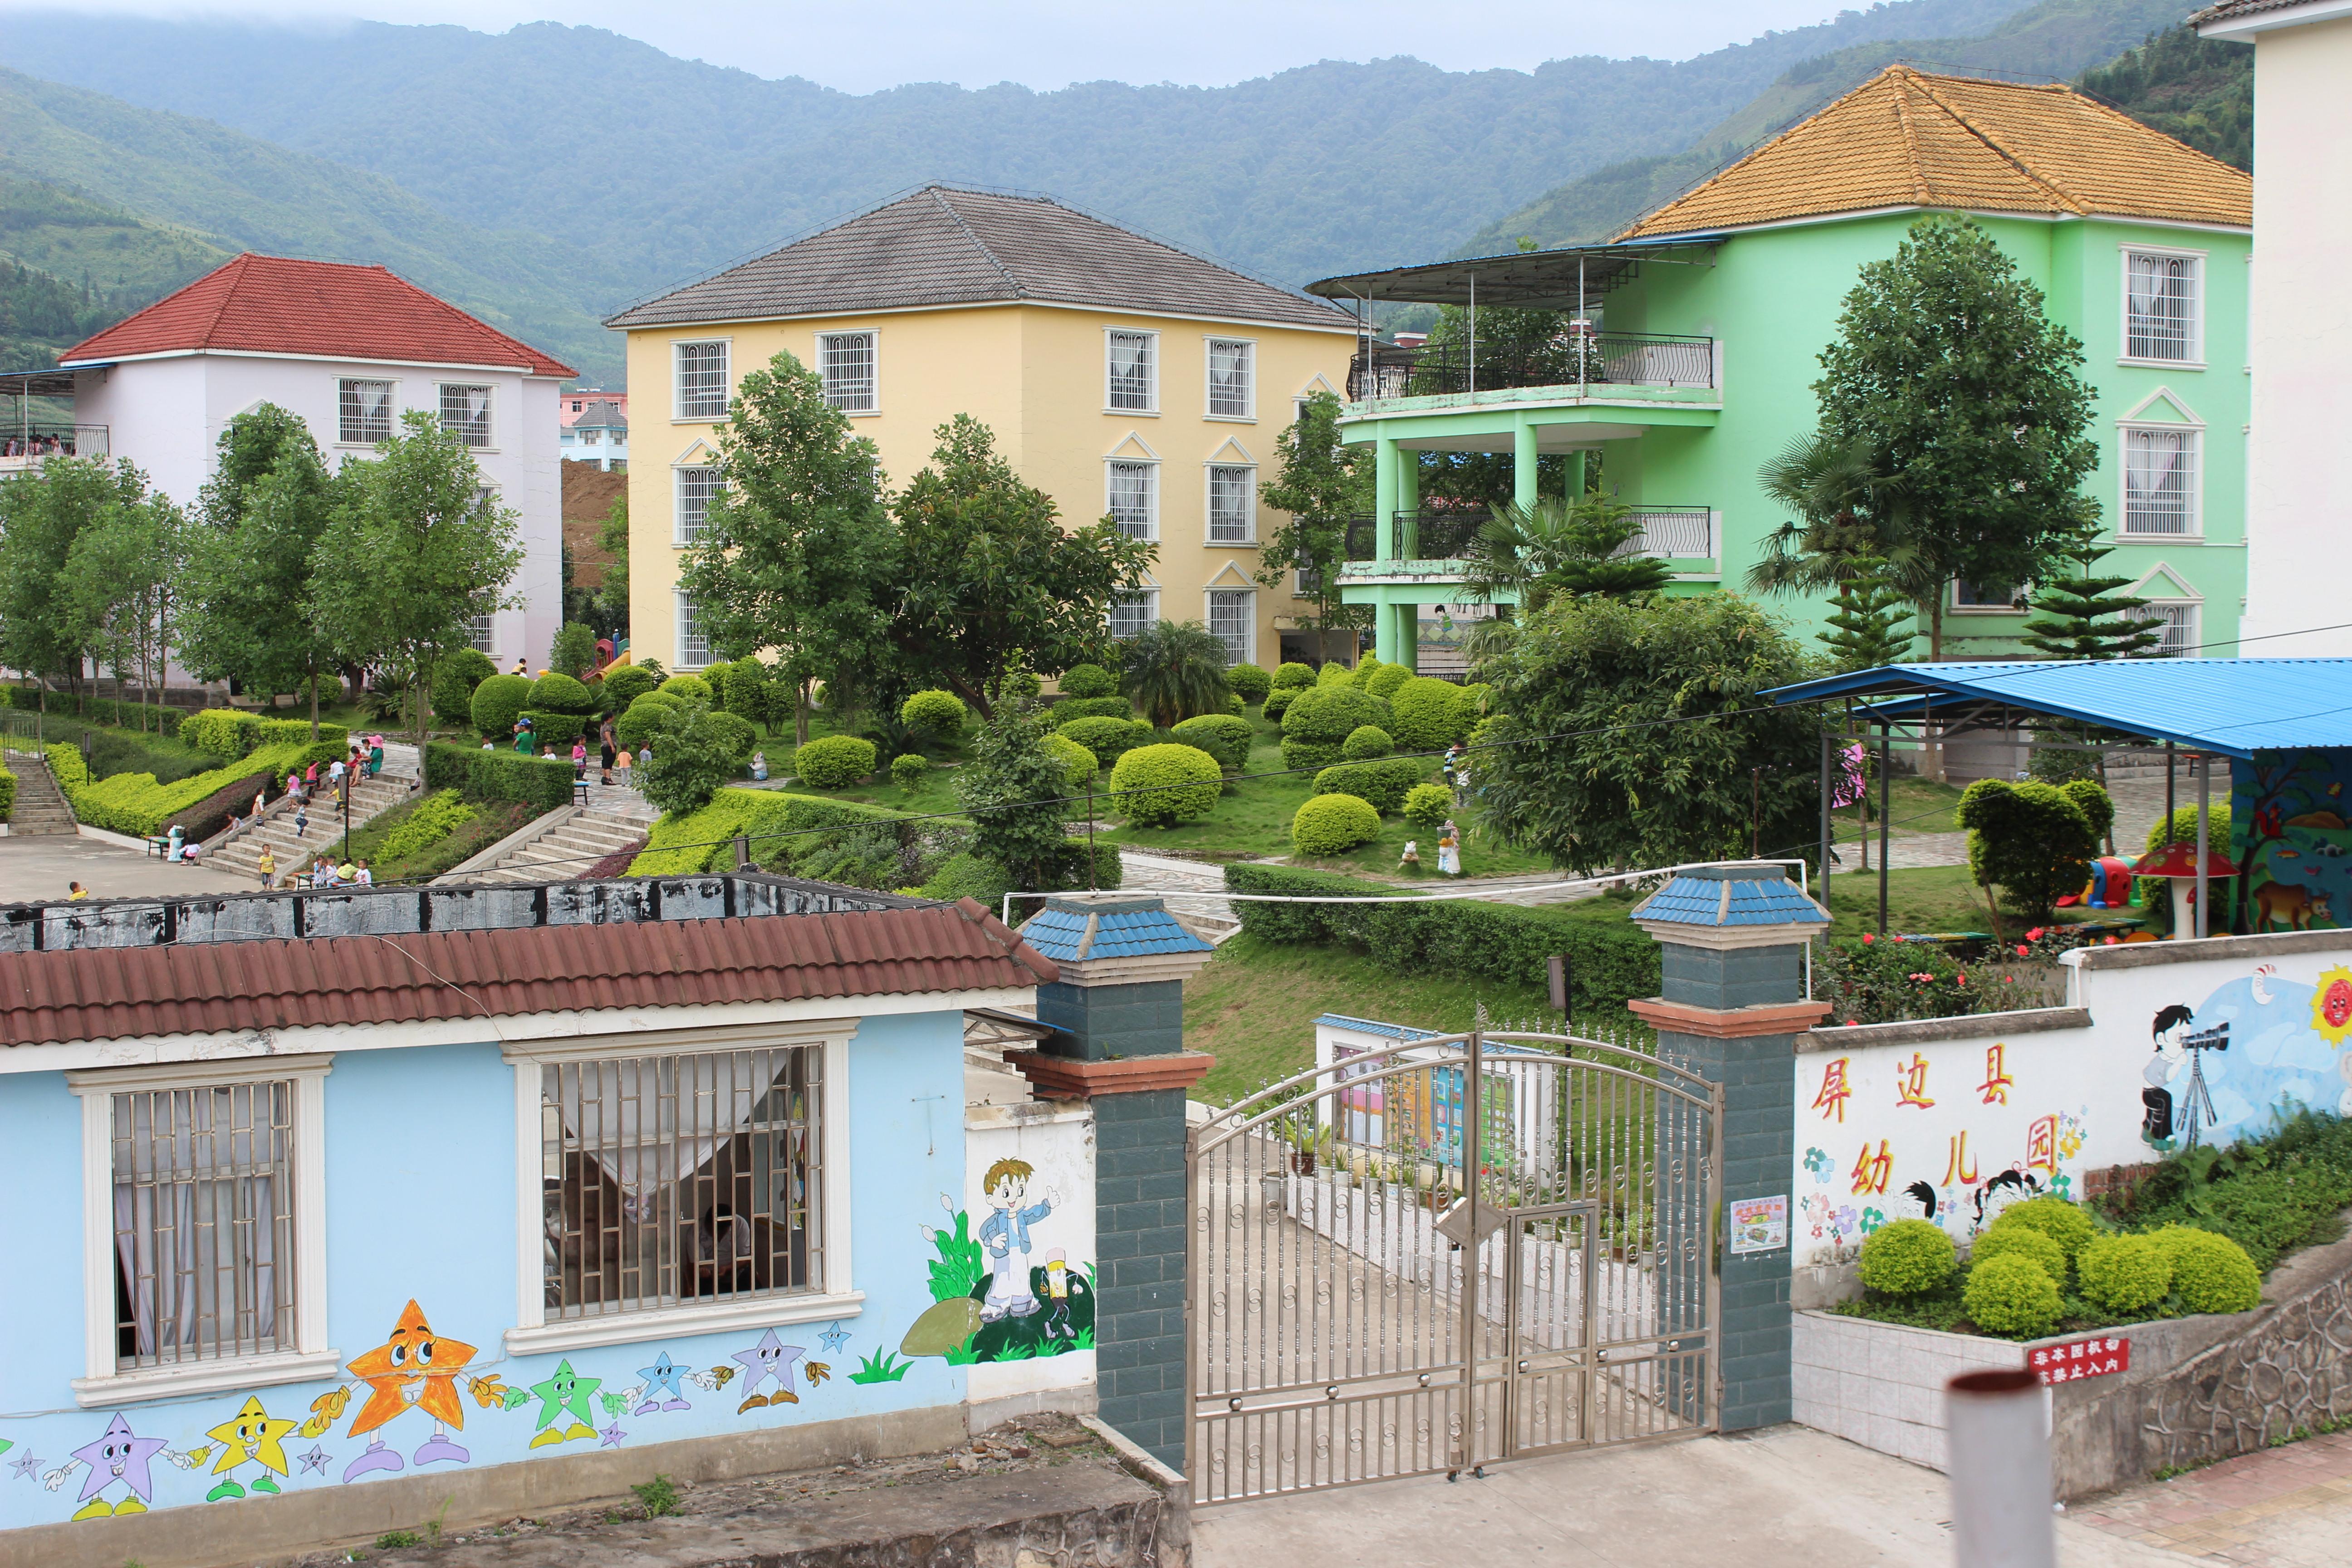 草坪等幼儿游戏区域以及小动物饲养角和种植园地